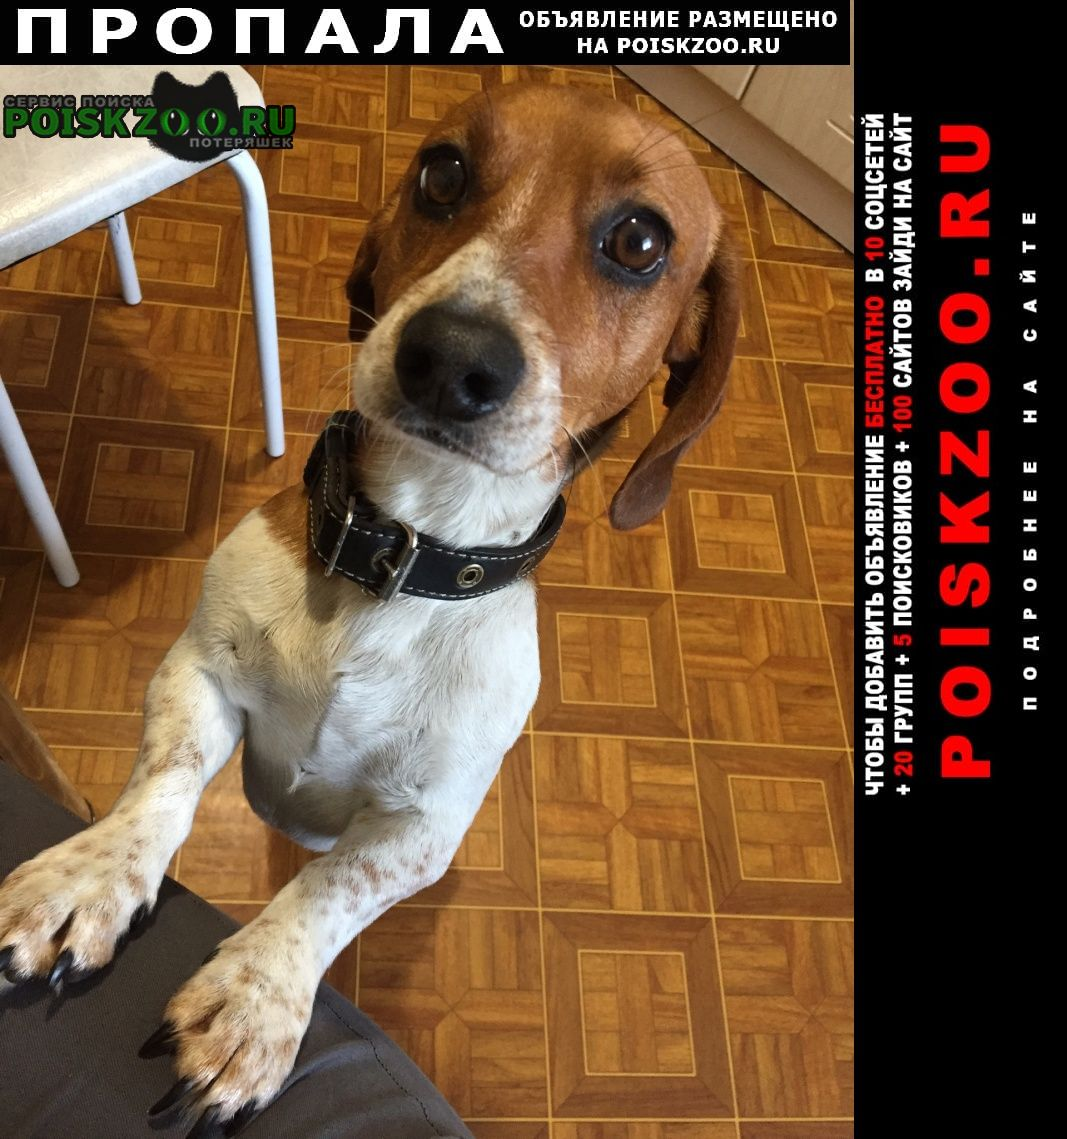 Пропала собака кобель Рубцовск